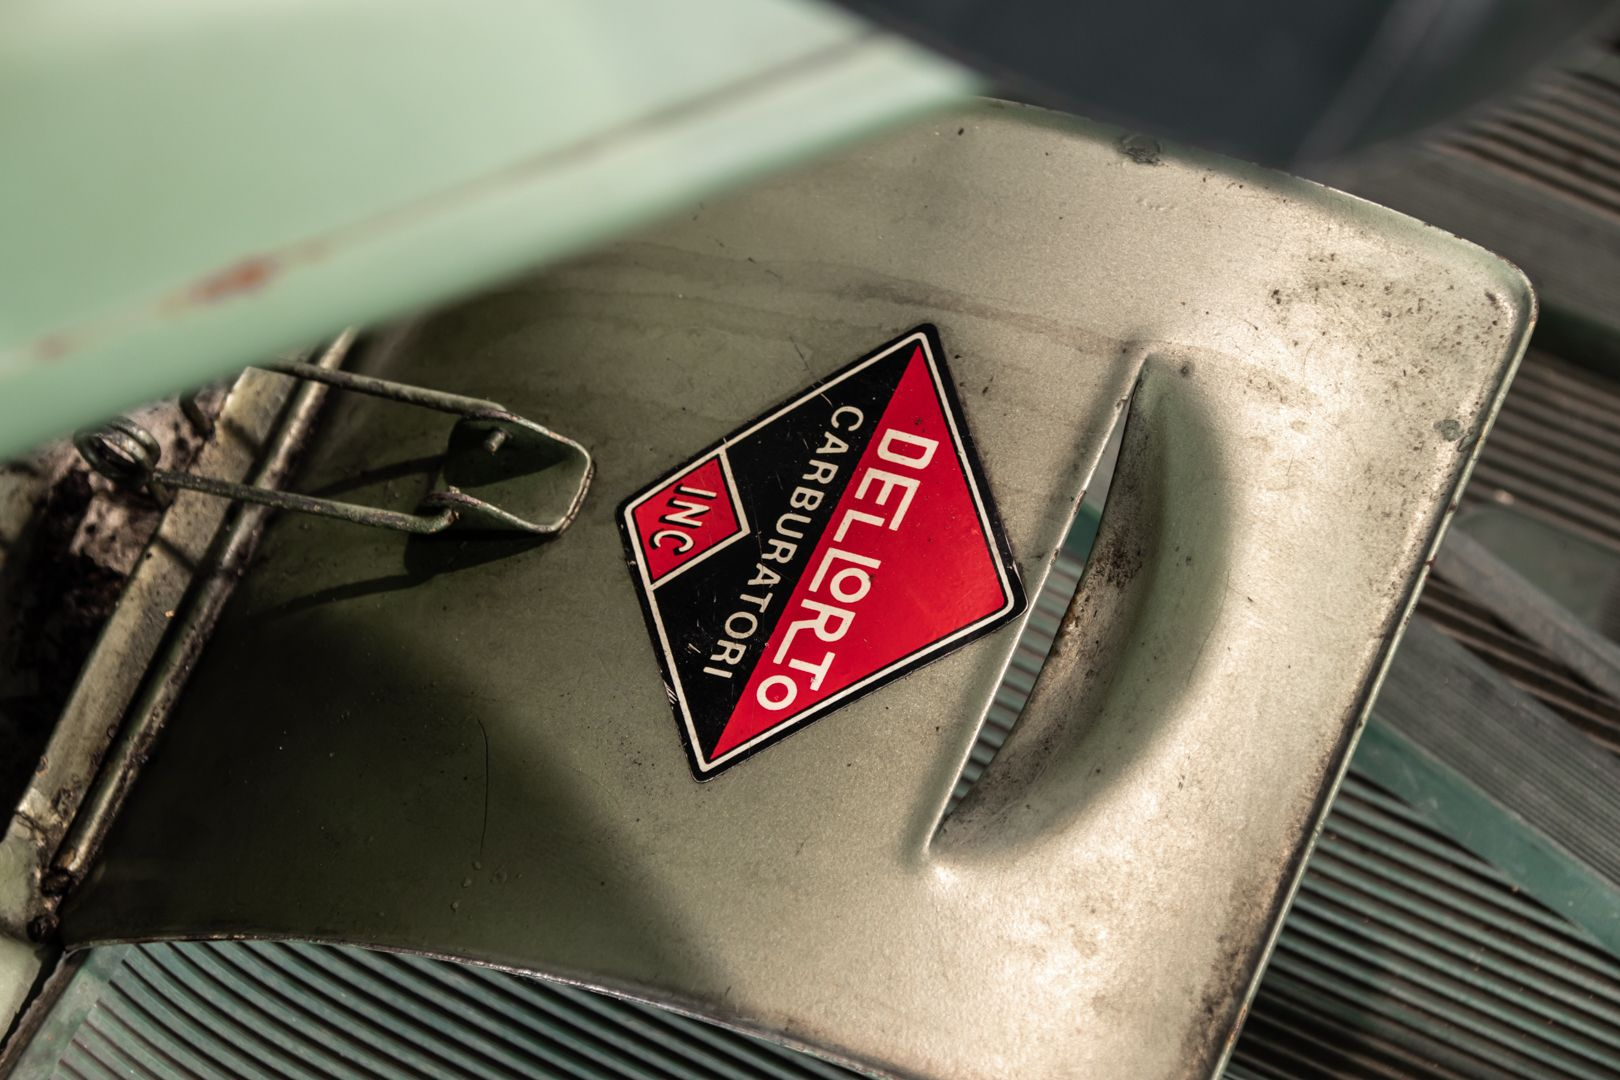 1951 Piaggio Vespa 125 51 V31 80392